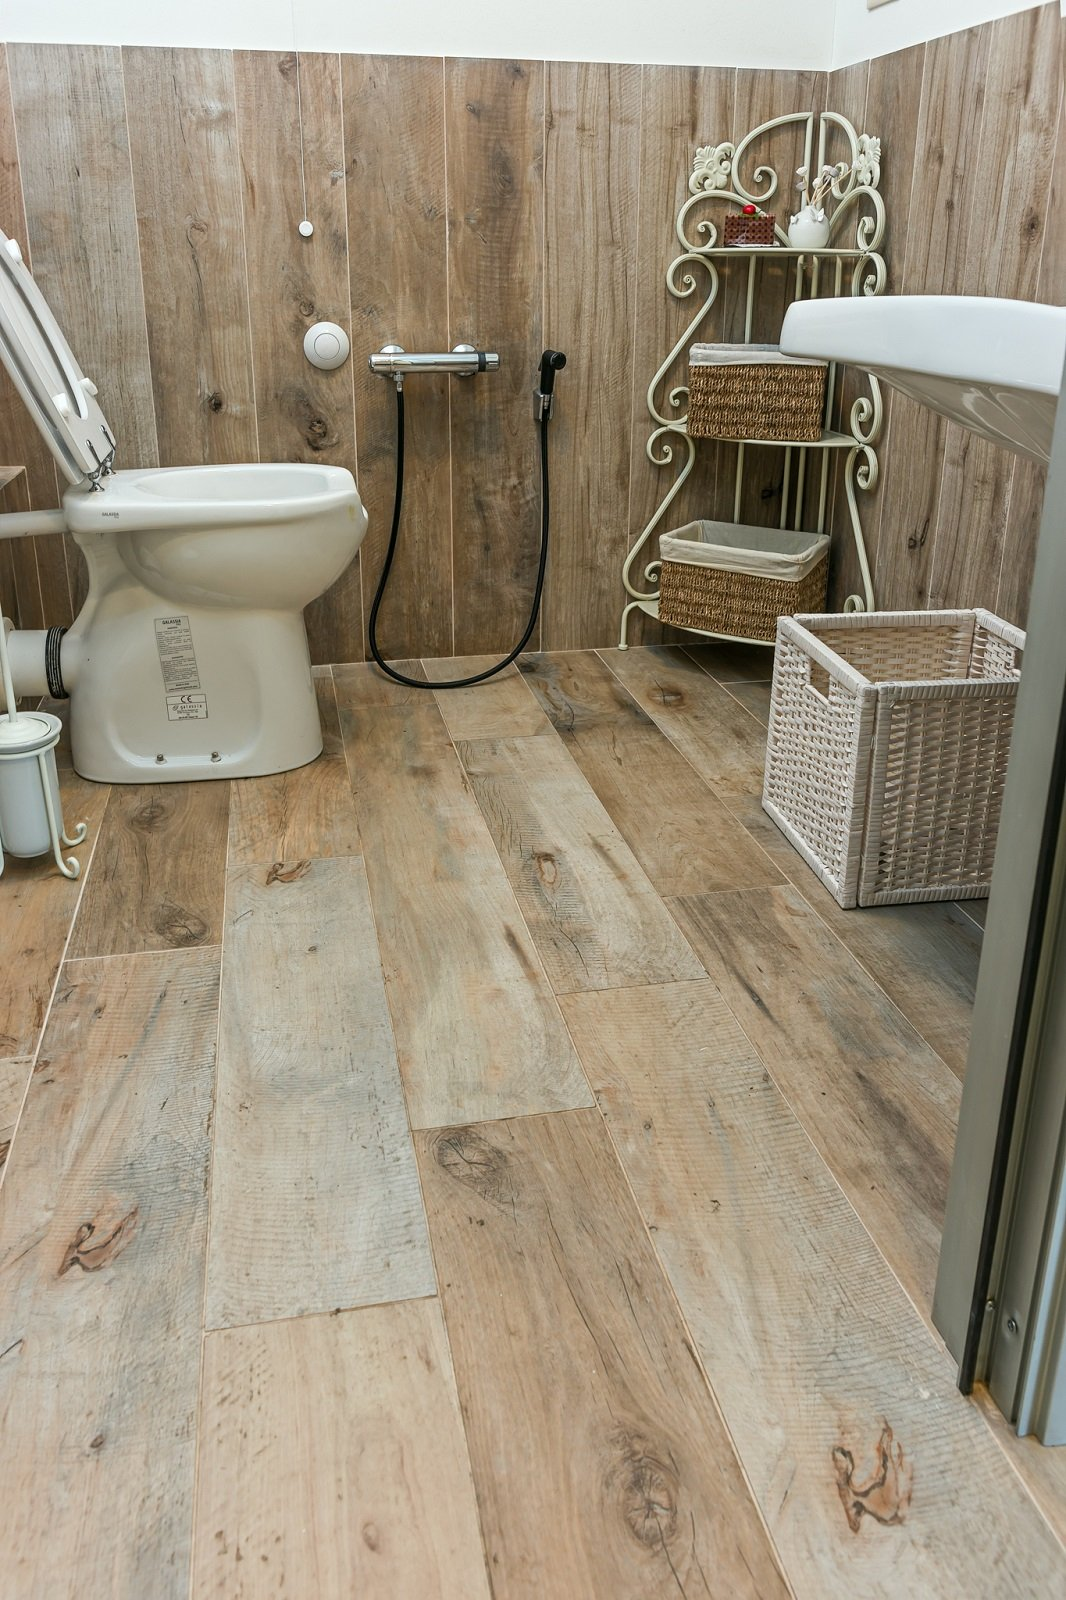 Pavimenti per il bagno gres in tante versioni diversissime per gusto e stile cose di casa - Pavimenti bagno prezzi ...